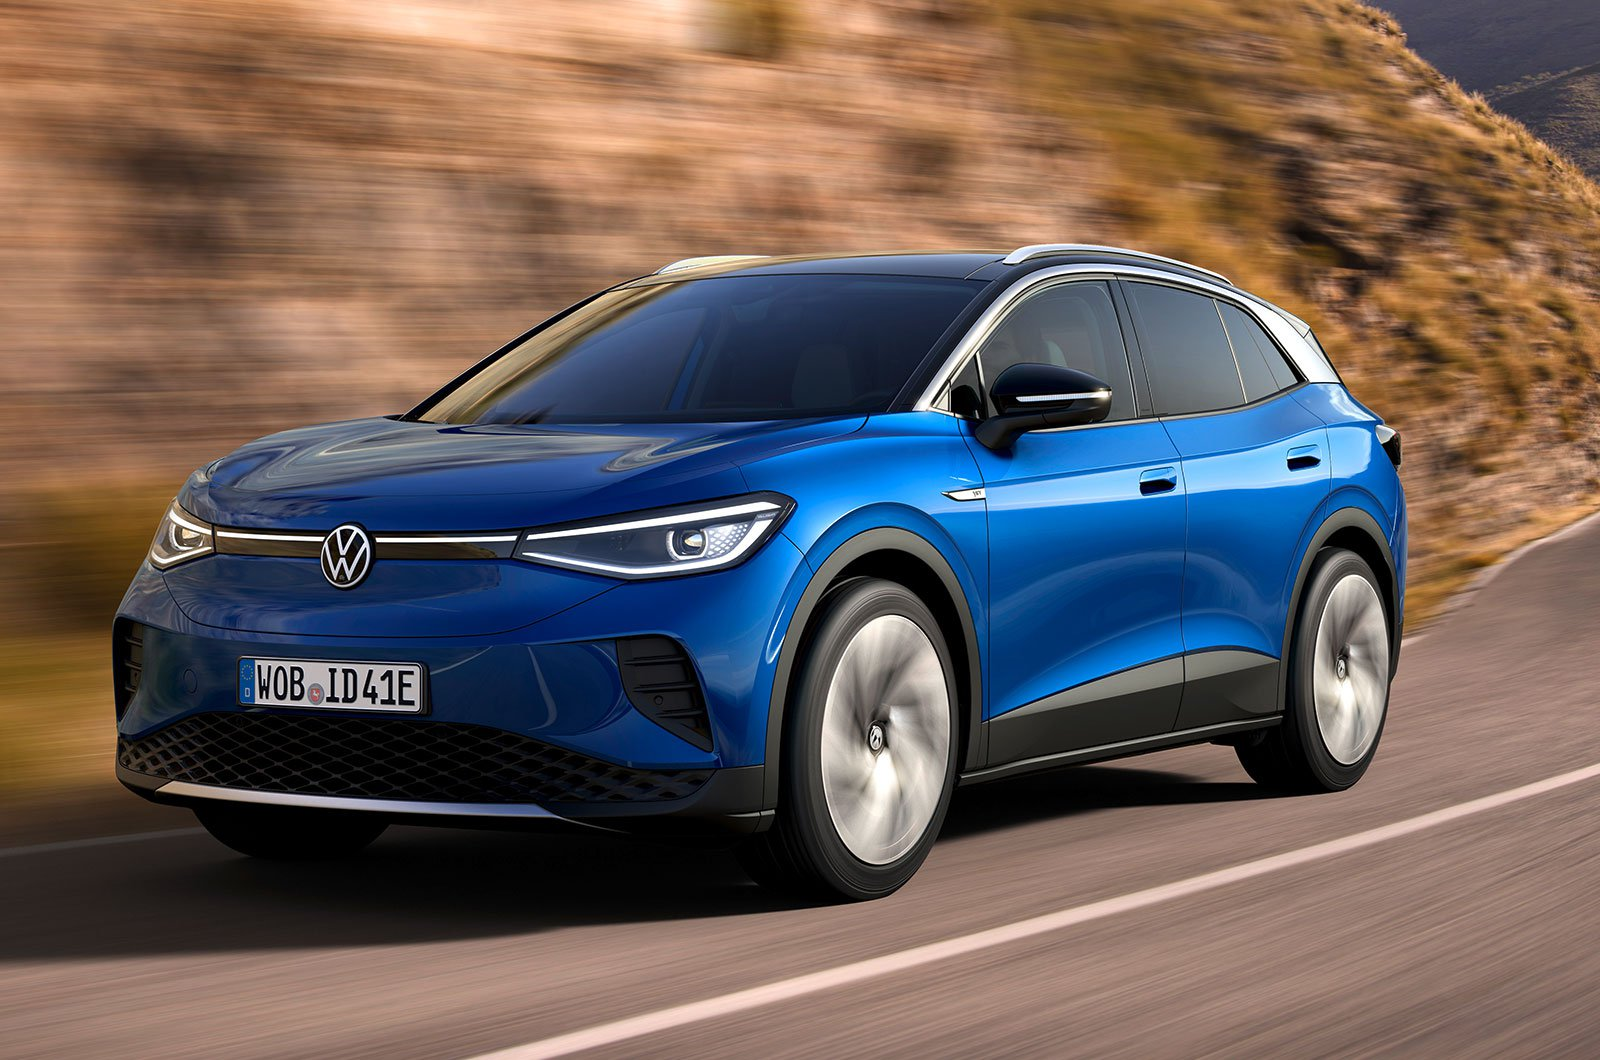 2021 Volkswagen ID.4 front